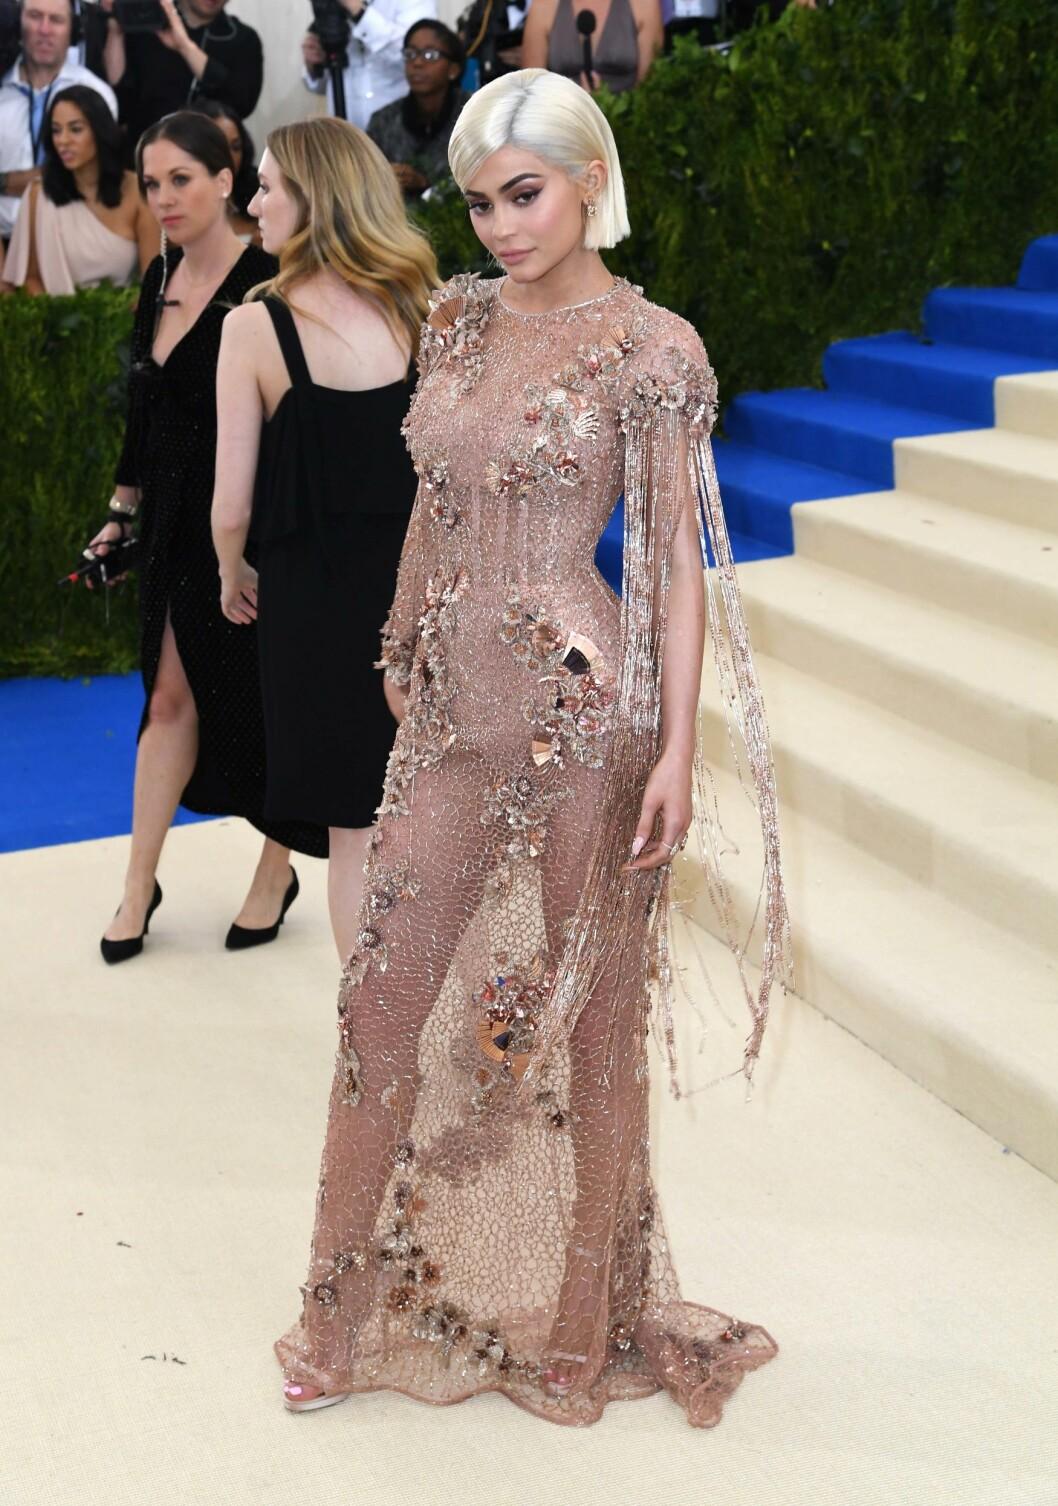 FIKK MYE OPPMERKSOMHET: Kylie Jenner Foto: NTB Scanpix